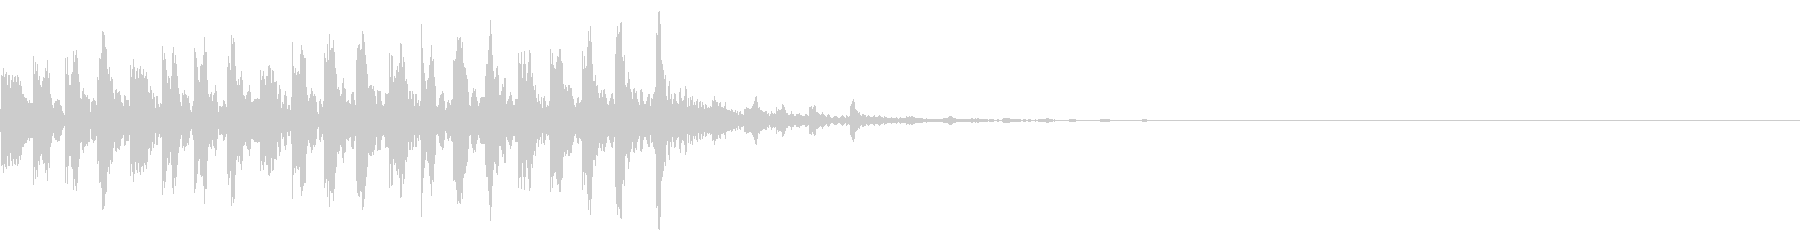 シンプルな効果音 不思議な時のシンセの未再生の波形